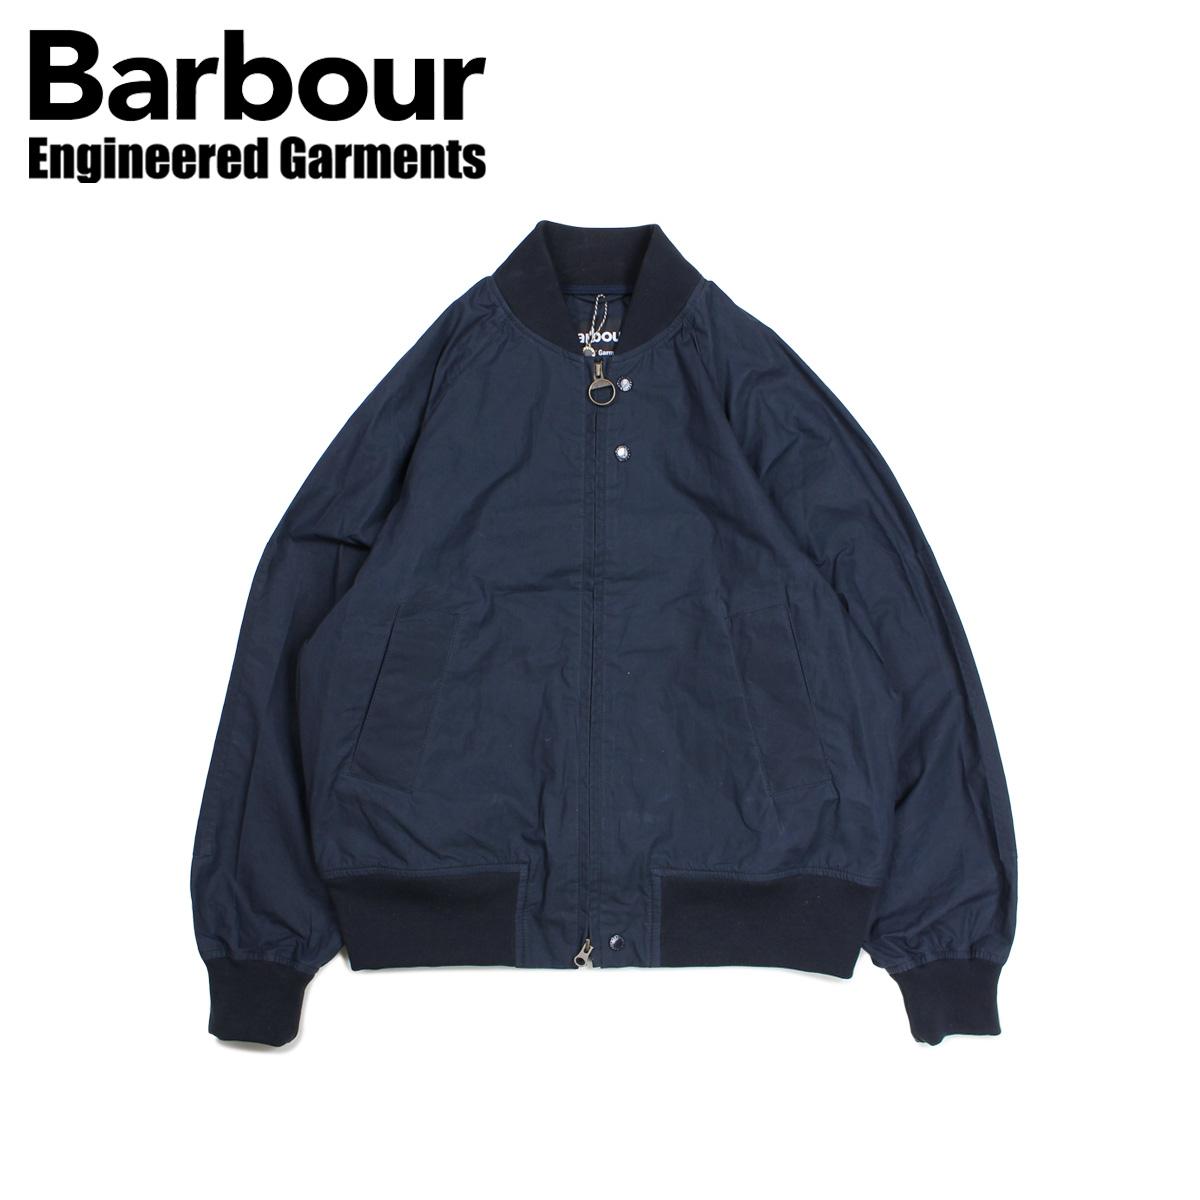 Barbour ENGINEERED GARMENTS IRVING JACKET バブアー エンジニアードガーメンツ ジャケット ボンバージャケット メンズ アービングジャケット コラボ ネイビー MCA0598NY71 [3/28 新入荷]